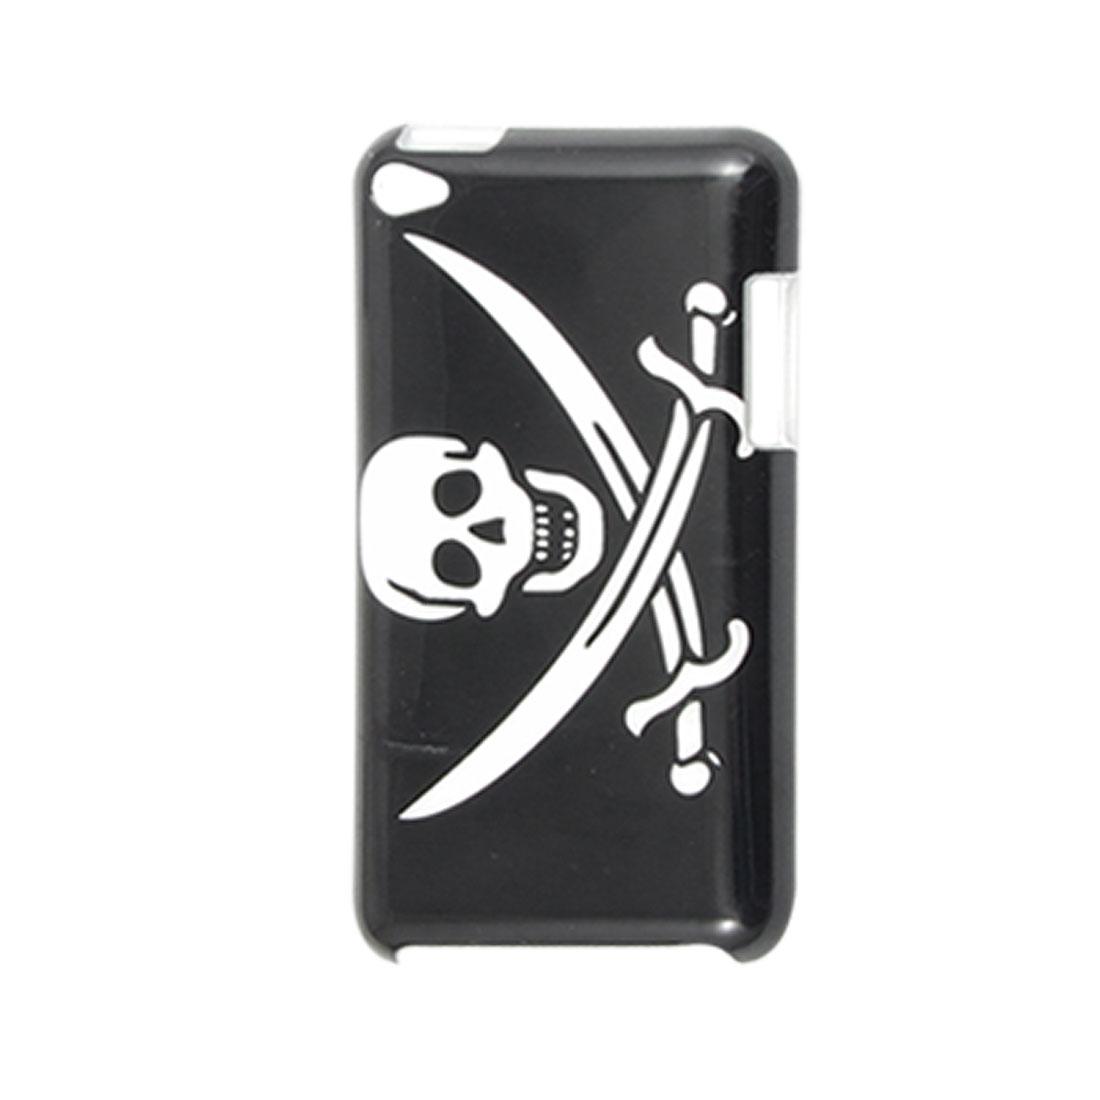 White IMD Skull Black Back Case Cover for iPod Touch 4G